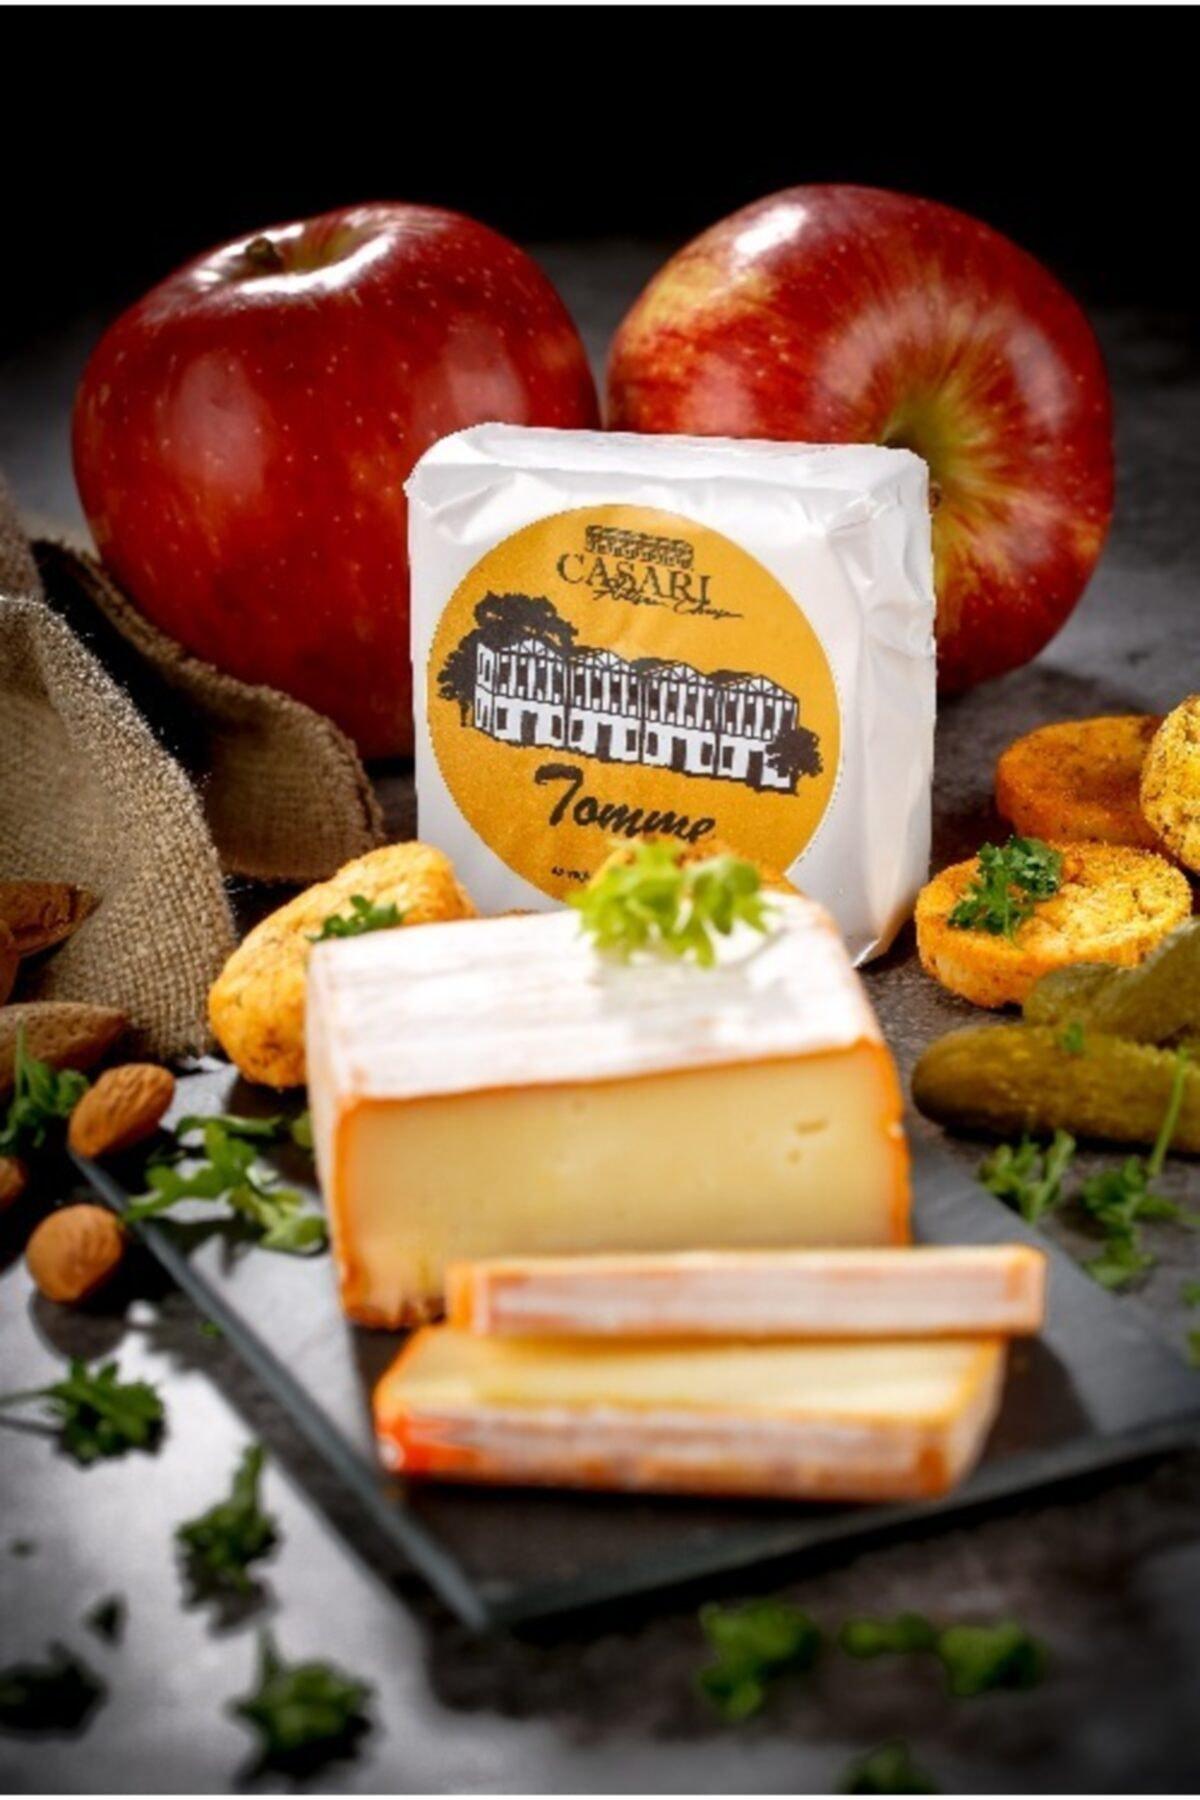 Casari Tomme Peyniri 250 Gr X 2 Paket 2